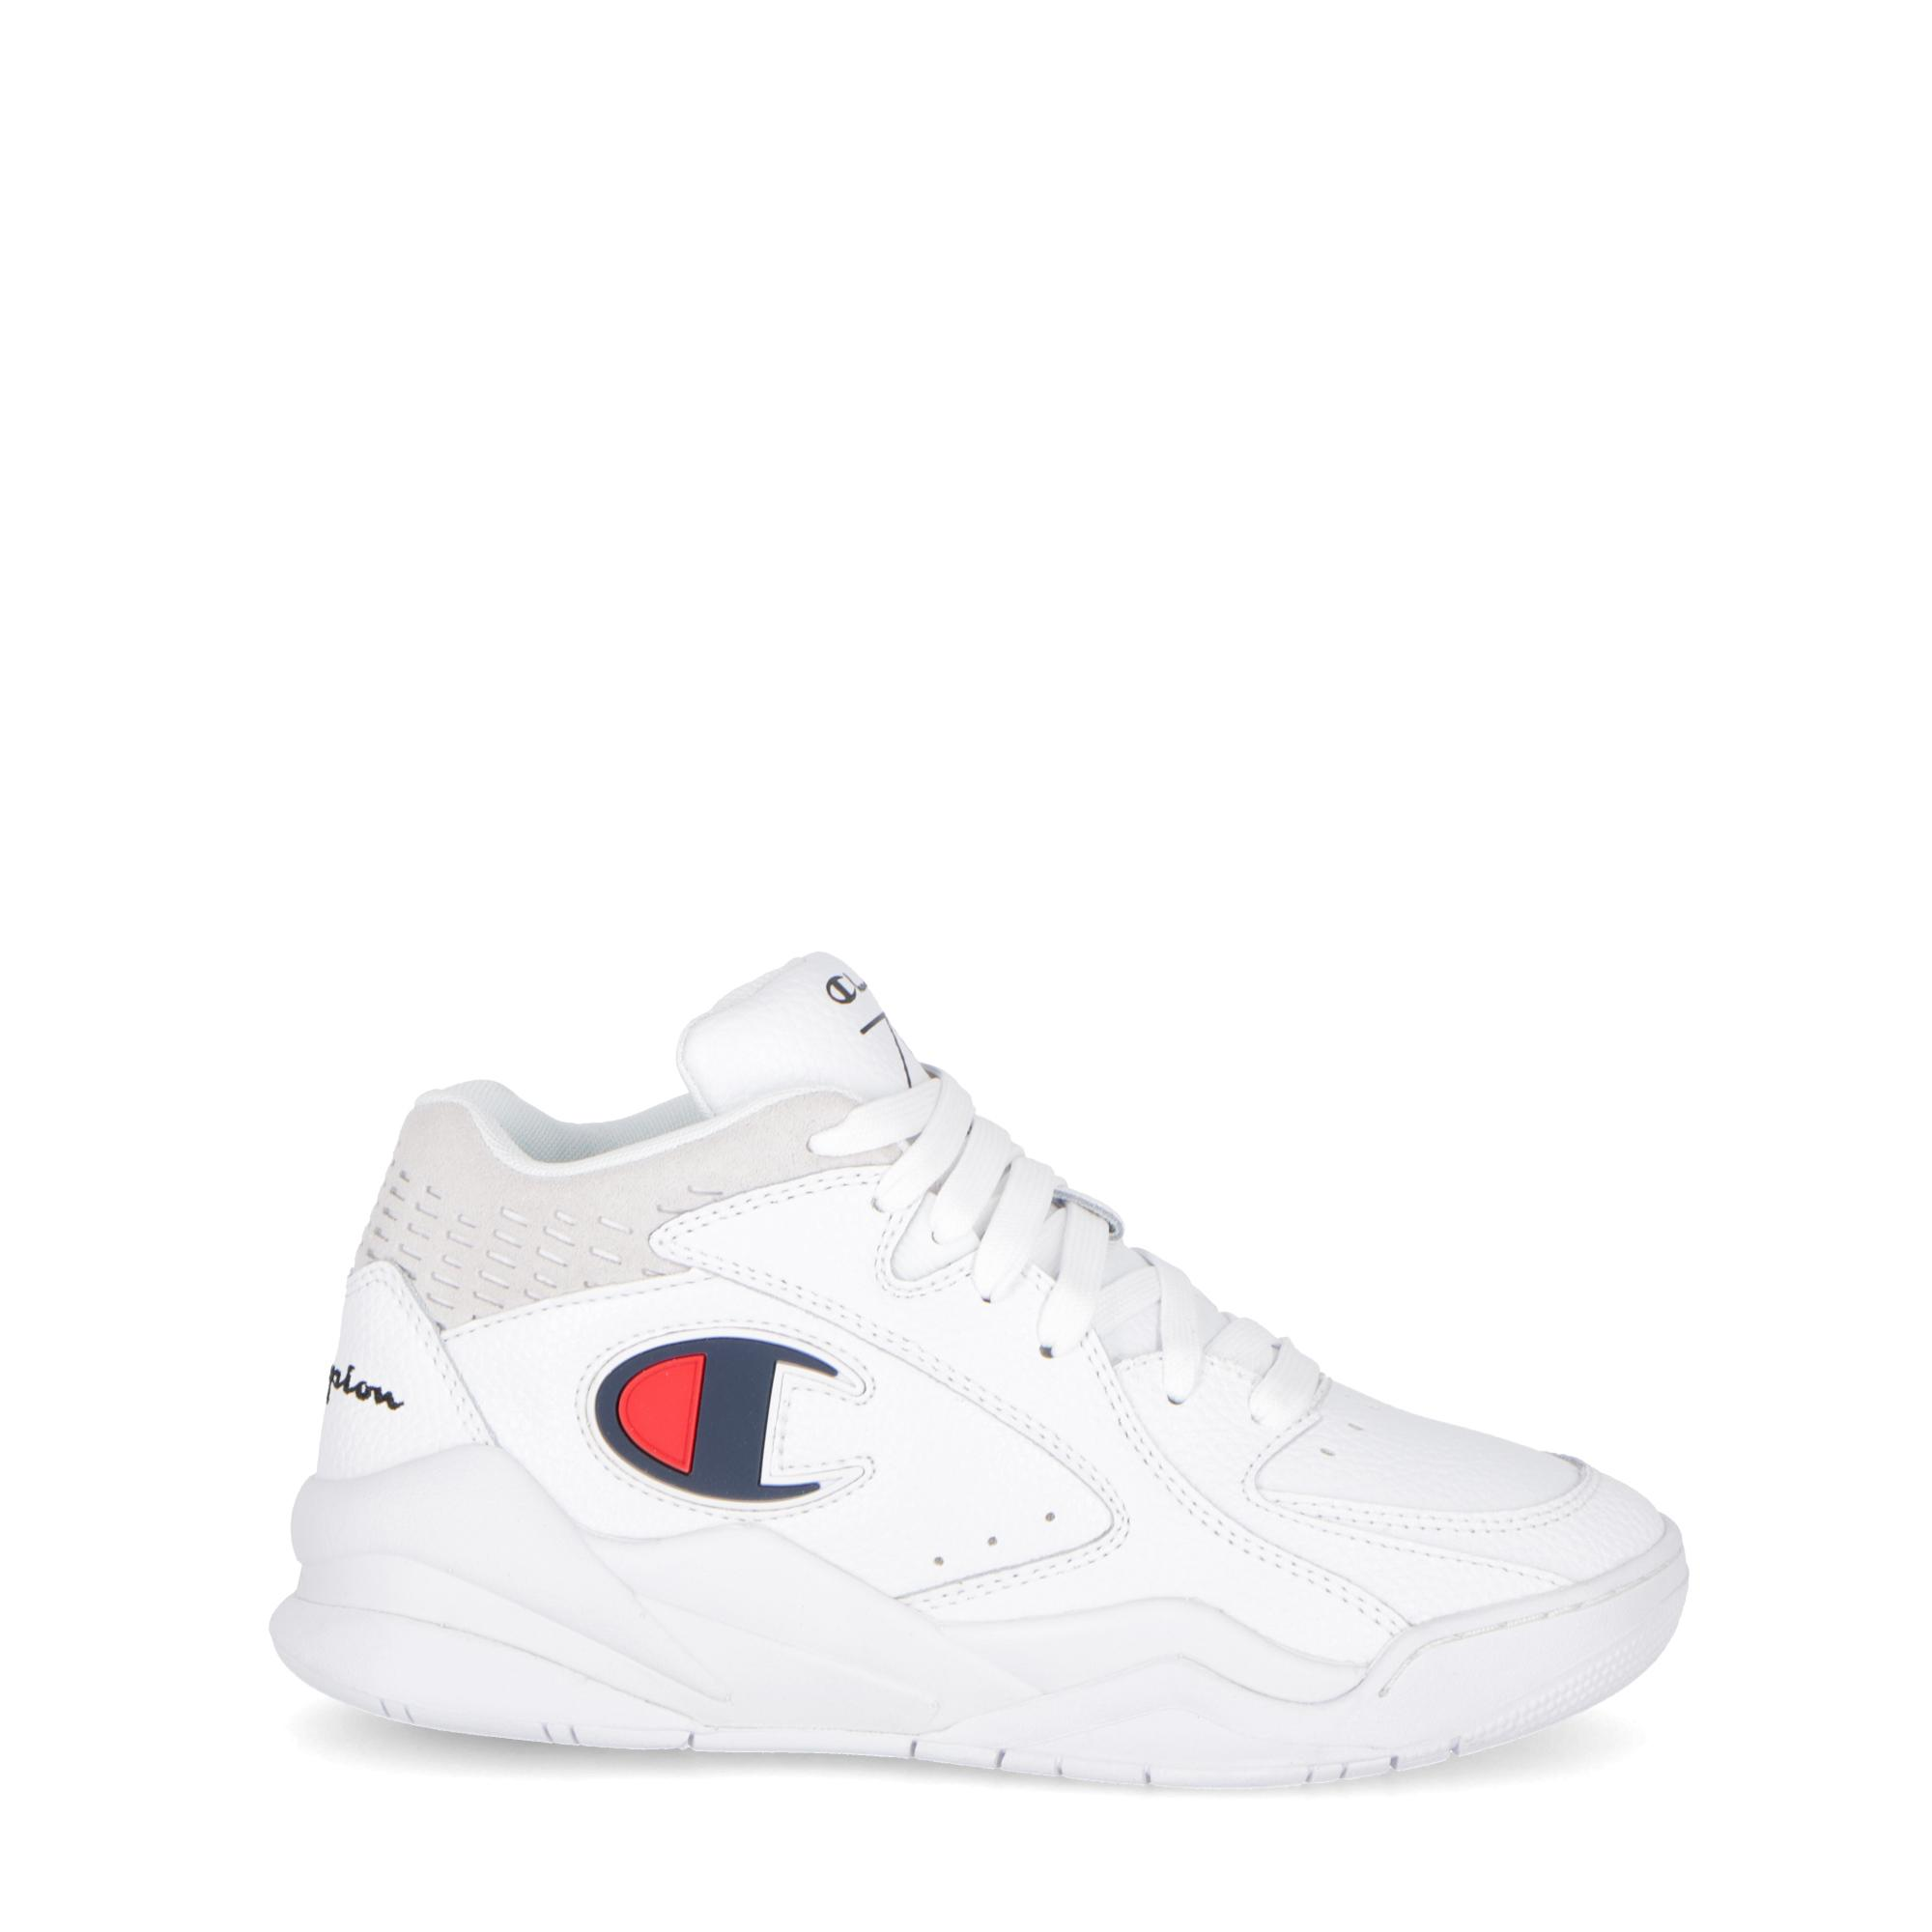 Champion Mid Cut Shoe Zone Mid Wht  da9958a396